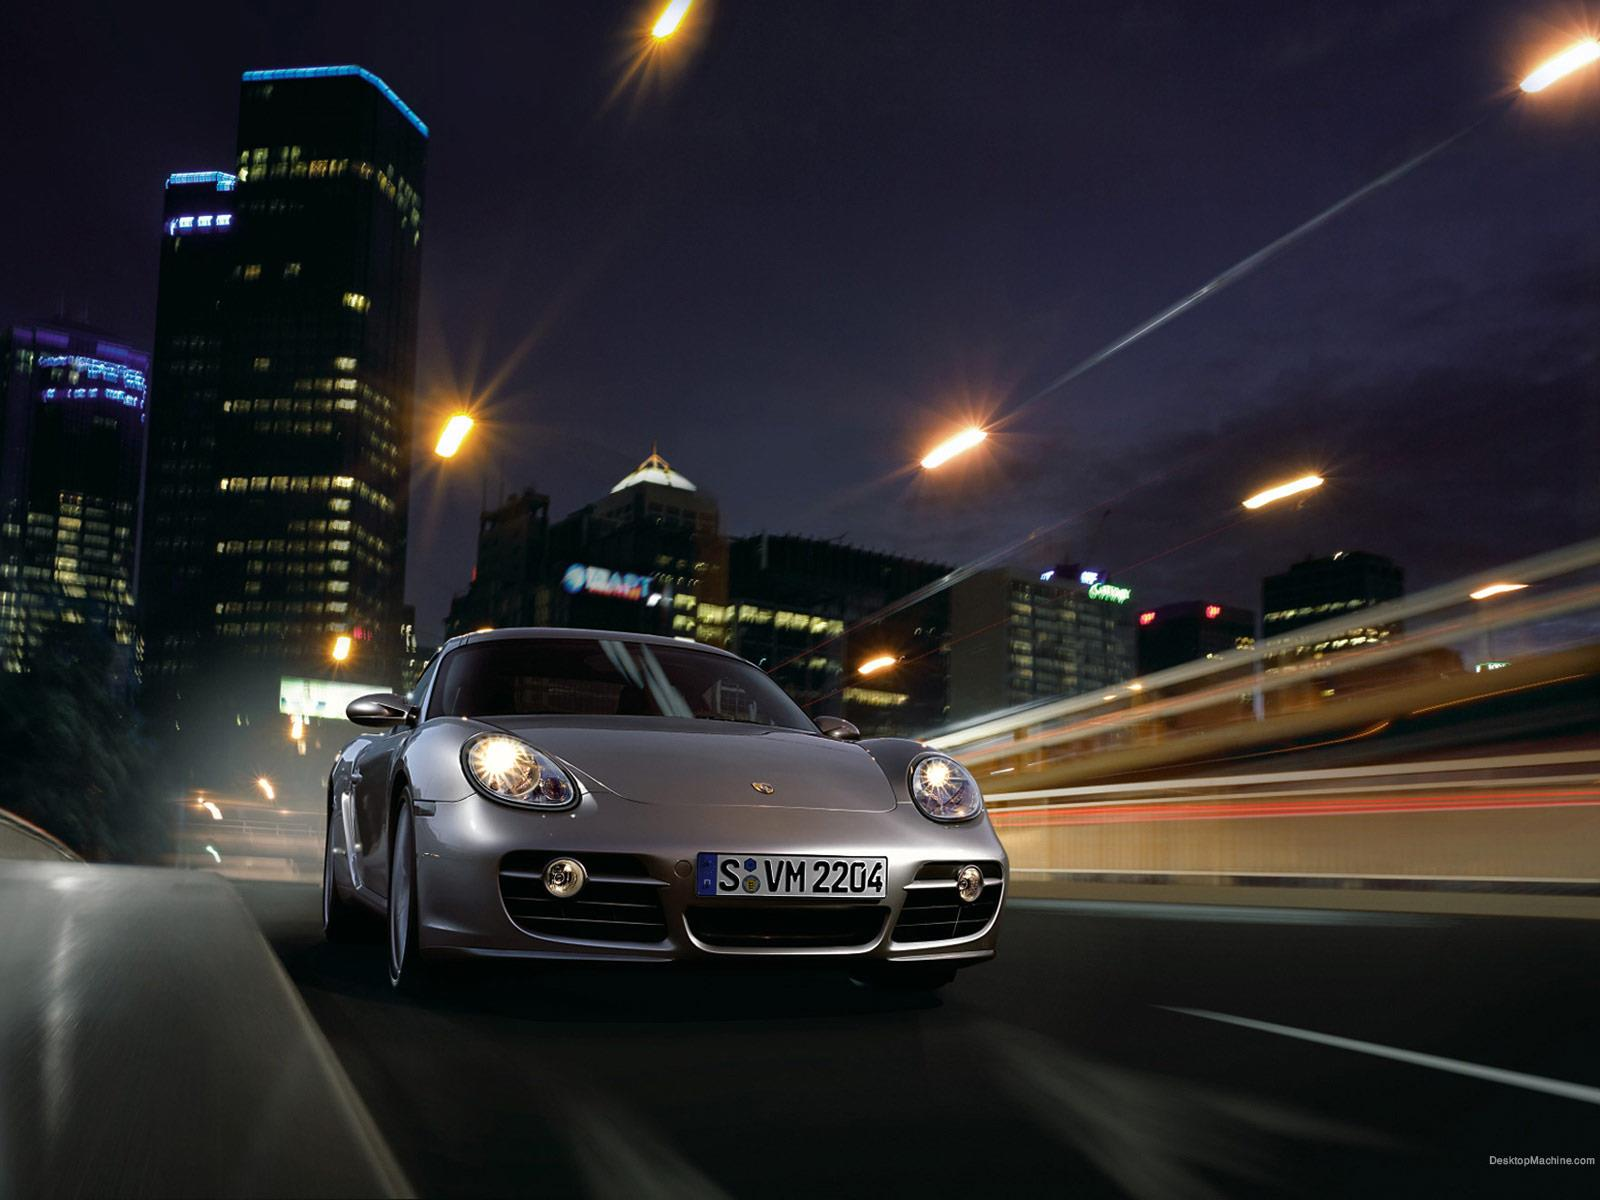 Porsche 2fonds Cran Gratuits Sur Lautomobile